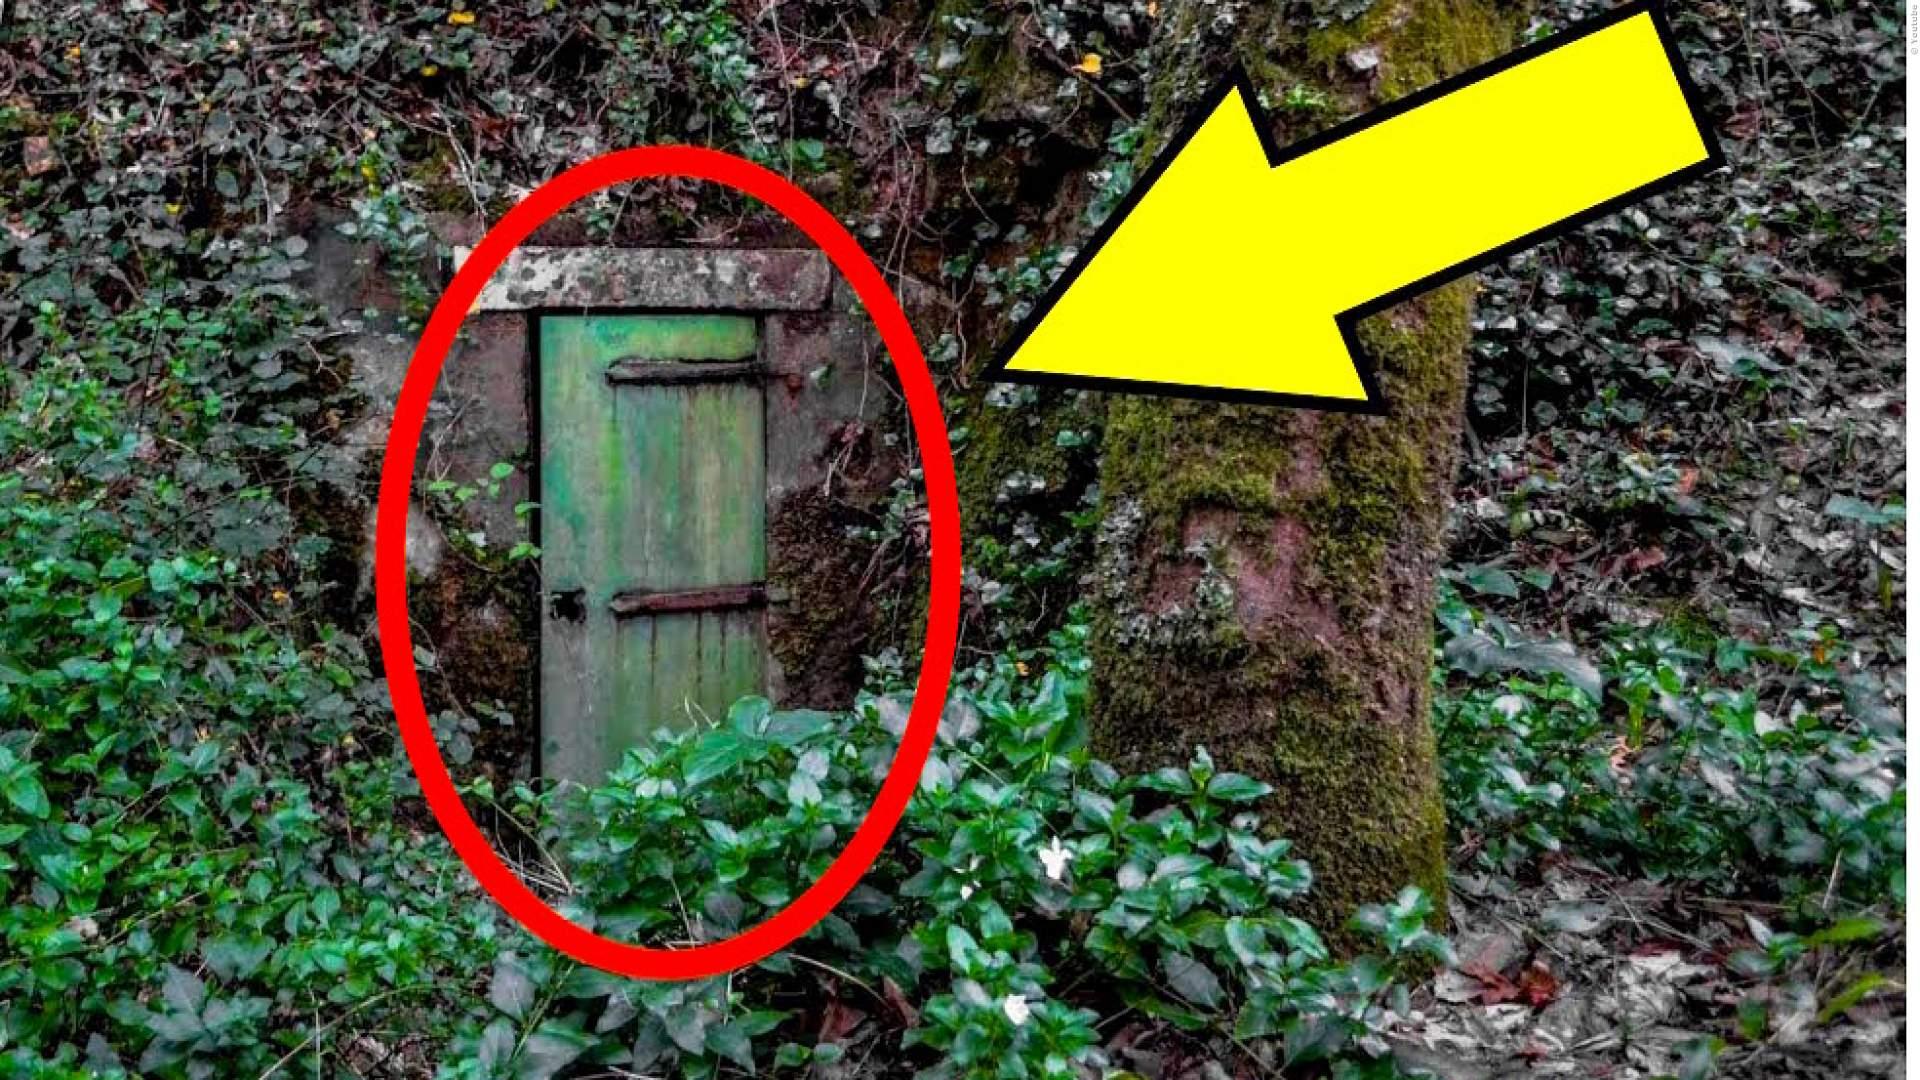 UNGLAUBLICH: Diese Türen wurden noch nie geöffnet - Das ist der Grund